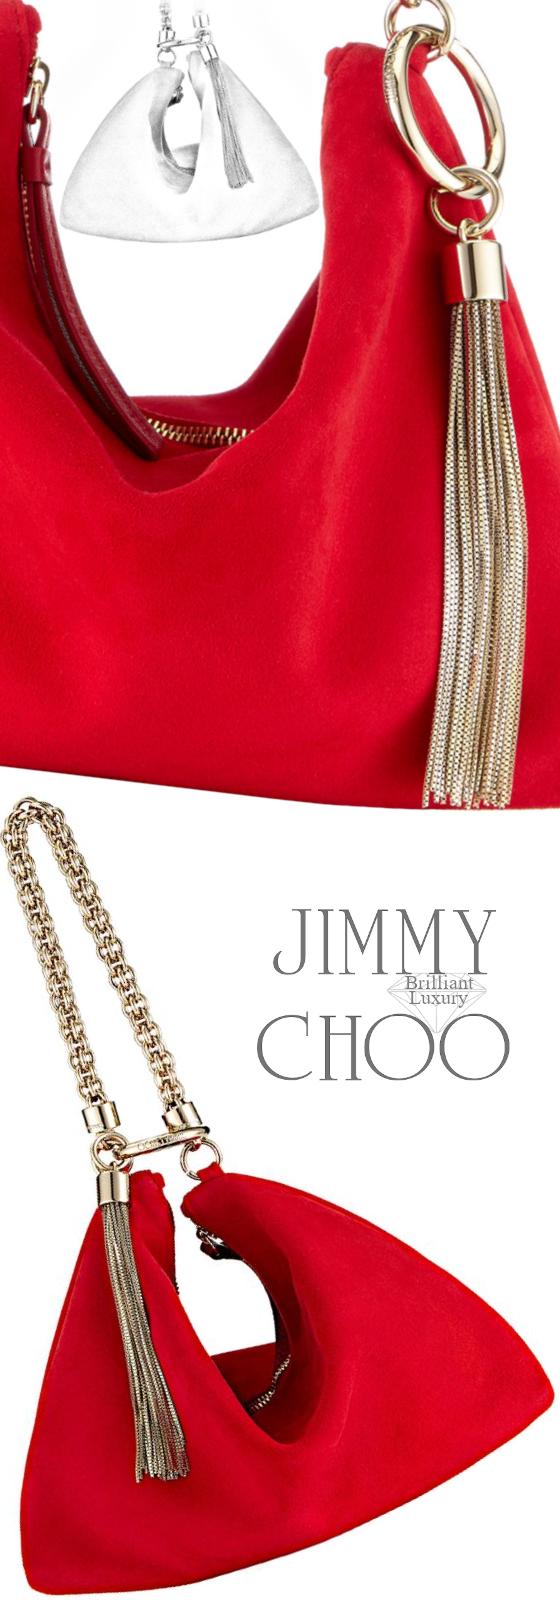 Jimmy Choo Red Callie Bag #brilliantluxury